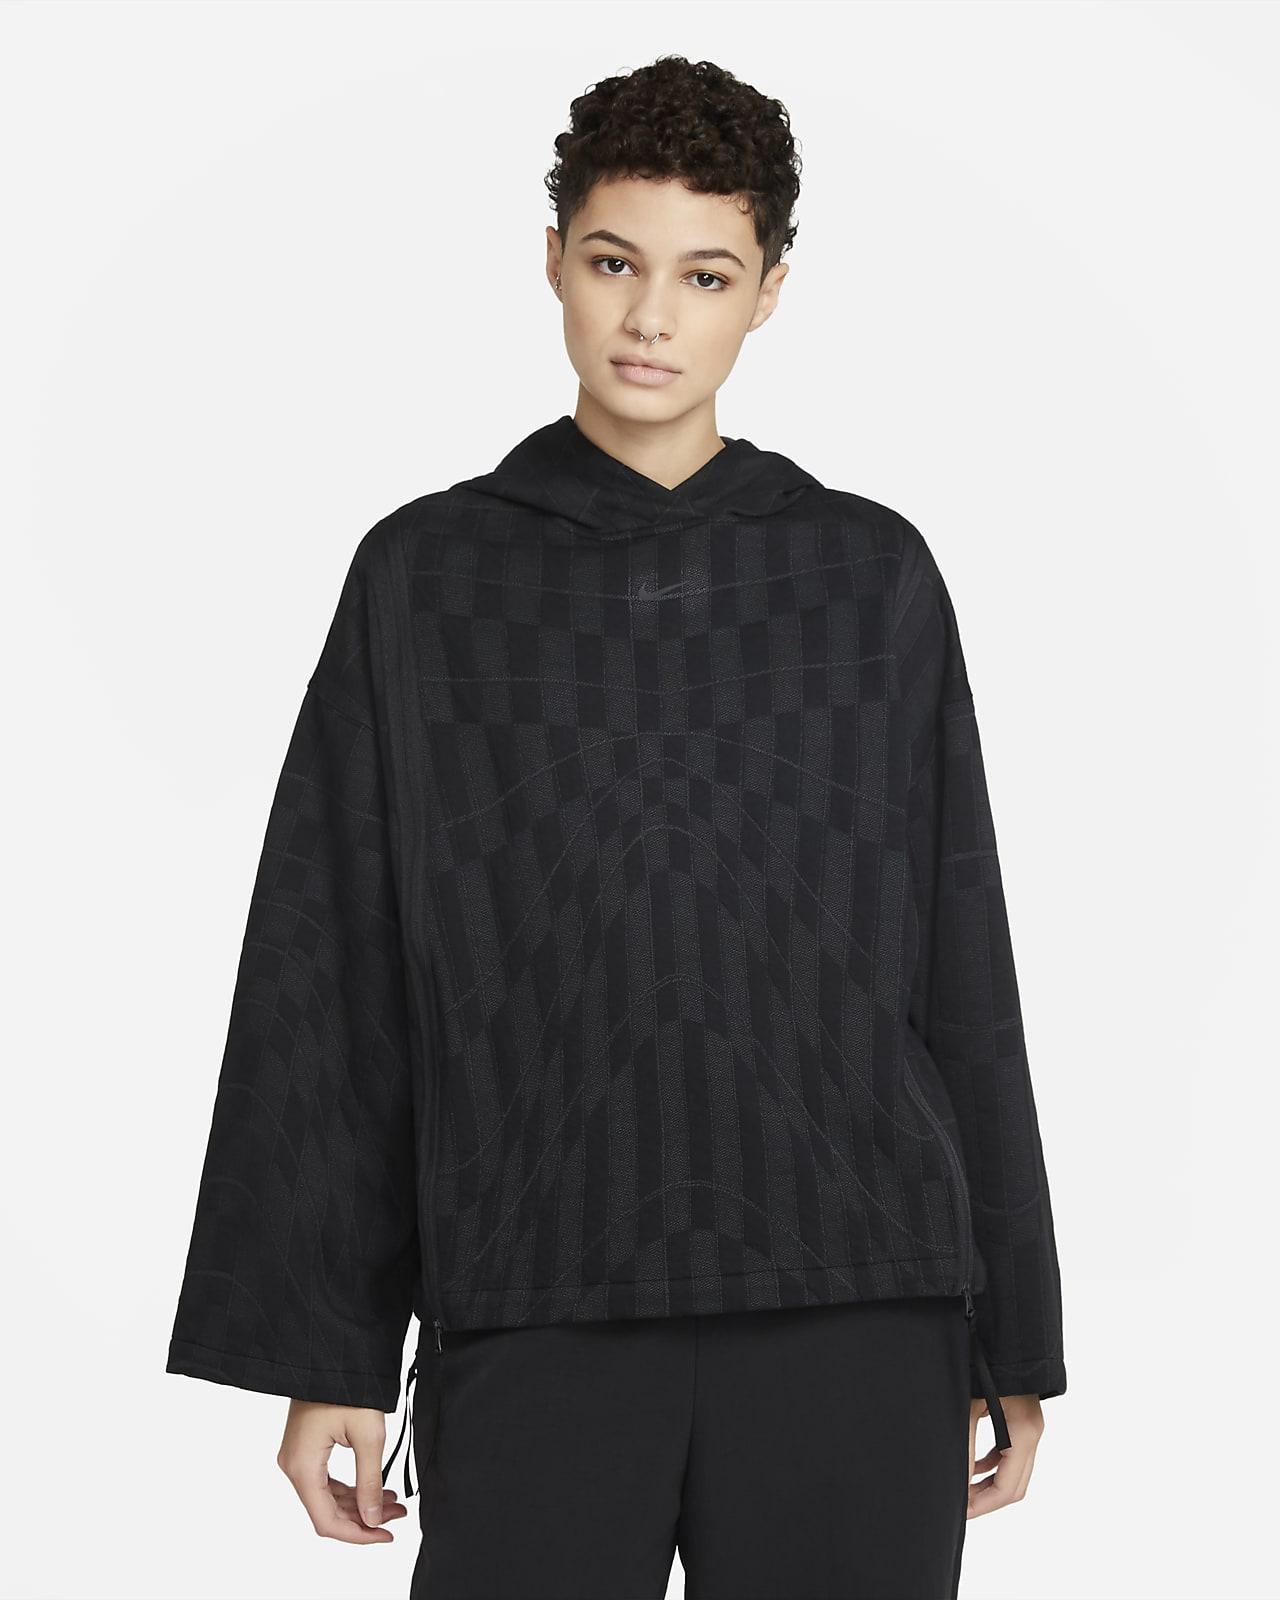 Γυναικεία μπλούζα με κουκούλα Nike Sportswear Tech Pack